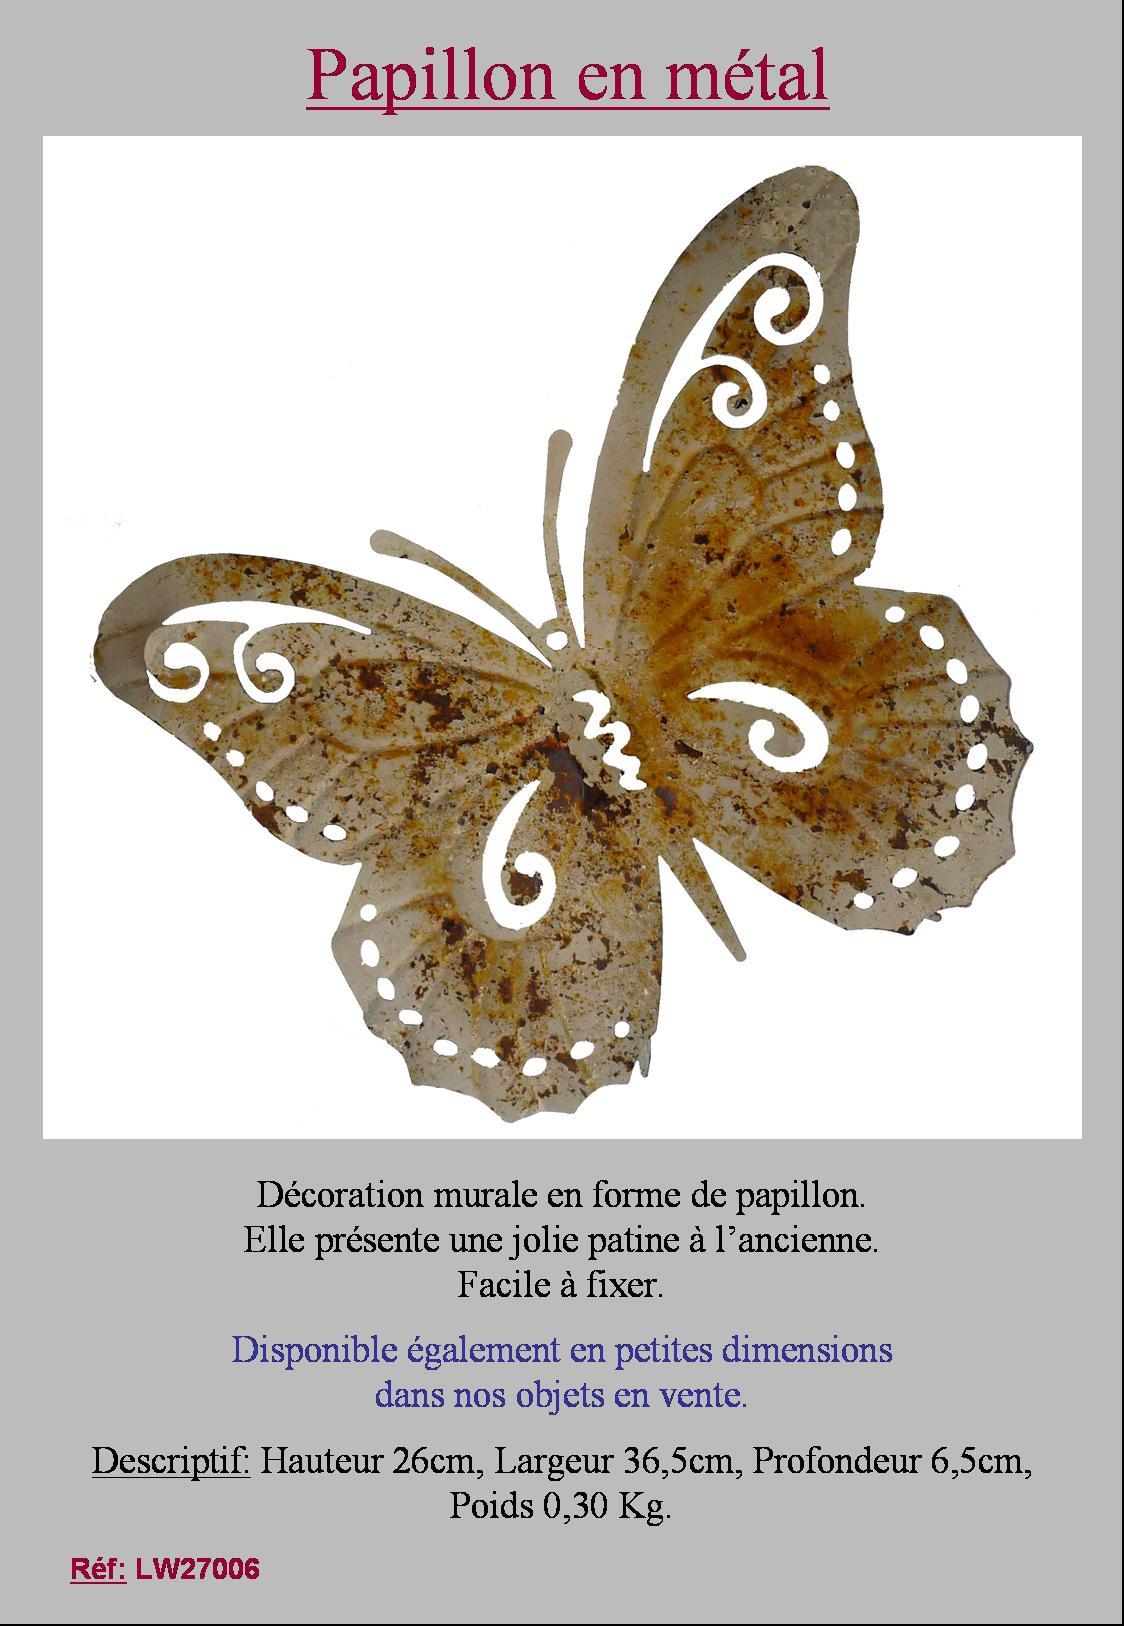 animaux papillon mural de jardin en metal fer ou d interieur 36cm style ancien. Black Bedroom Furniture Sets. Home Design Ideas